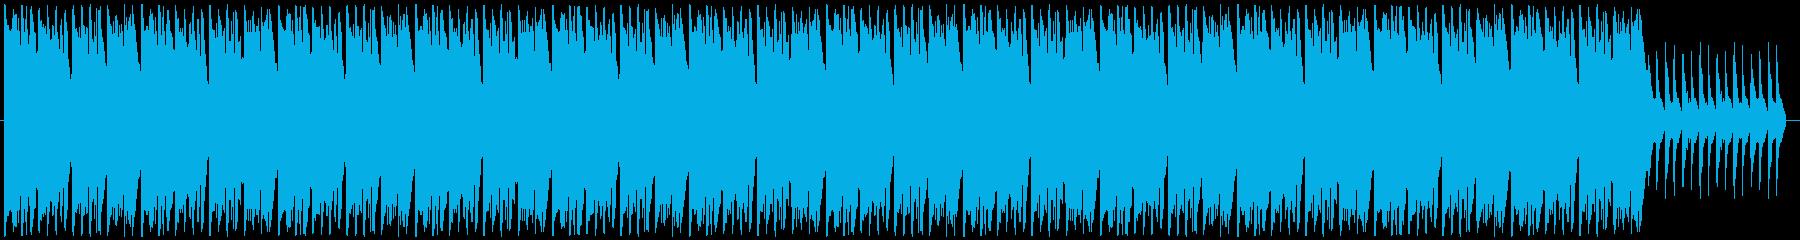 怪しい洋館をイメージしたBGMの再生済みの波形